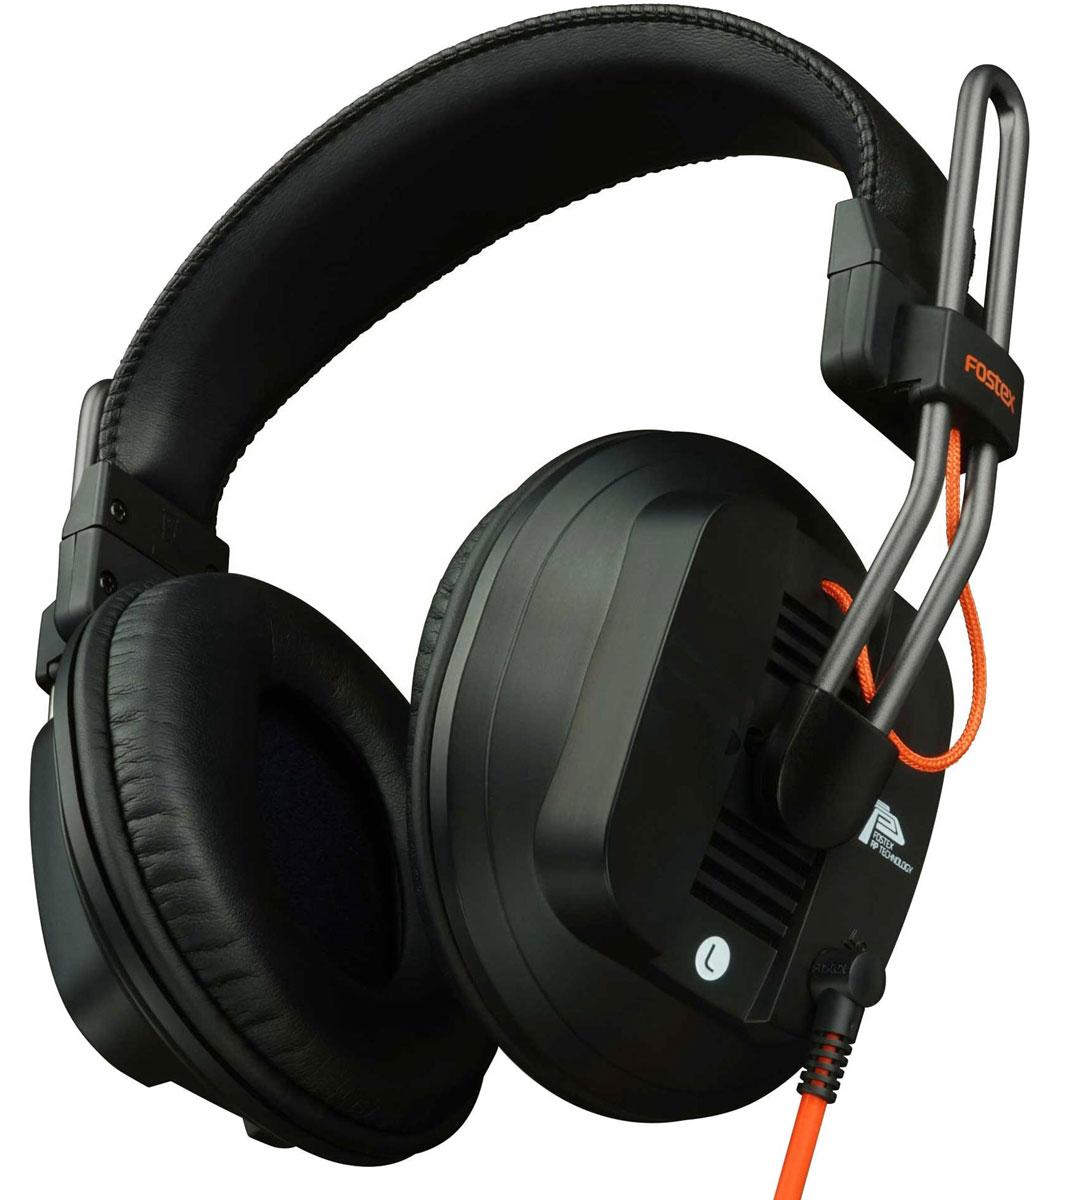 Fostex T40RPMK3 наушники15118274Fostex T40RPMK3 — это усовершенствованные закрытые мониторные наушники из линейки RP для сфокусированного баса. Устройство драйвера Regular Phase (RP) было улучшено для достижения более четкого аудио воспроизведения и точности мониторинга. Корпус наушников, амбушюры и оголовье также были усовершенствованы, чтобы добиться максимальной производительности драйверов. Для производства запатентованной диафрагмы драйвера Regular Phase (RP) используется фольга с медным травлением, полиамидная плёнка и мощный неодимовый магнит. Максимальная входная мощность составляет 3000 мВт, благодаря чему имеется возможность использования данных наушников в различных профессиональных сферах.